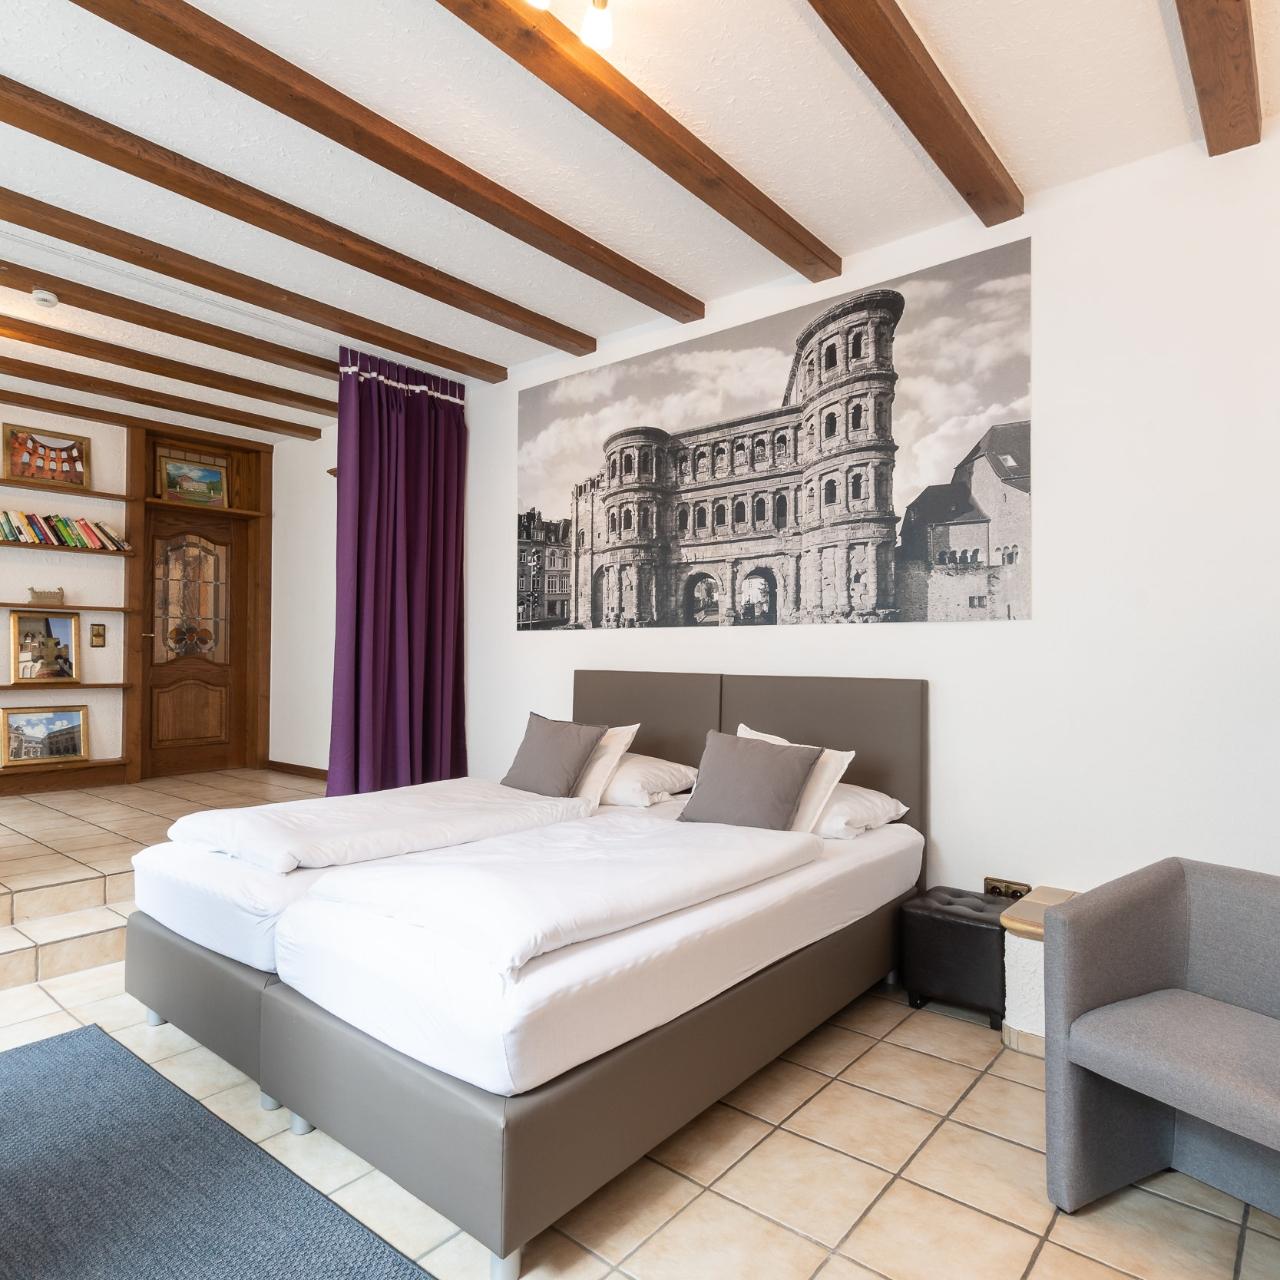 Hotel Blesius Garten Trier Schön Hotel Porta Nigra 3 Hrs Star Hotel In Trier Rhineland